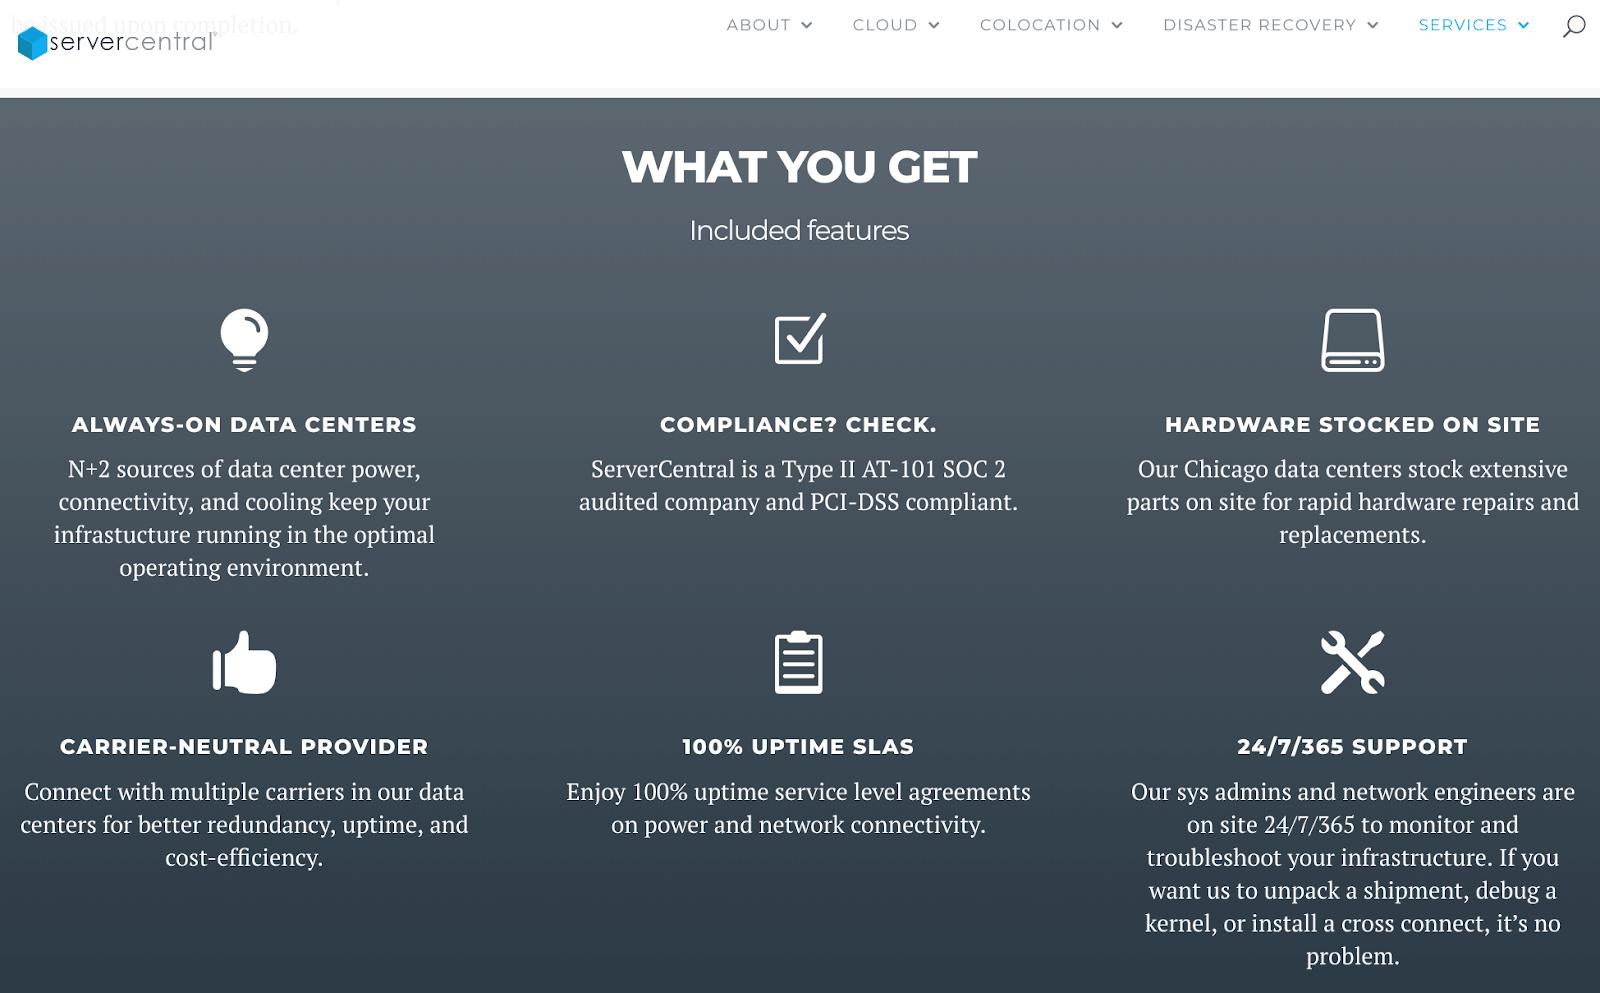 servercentral 1